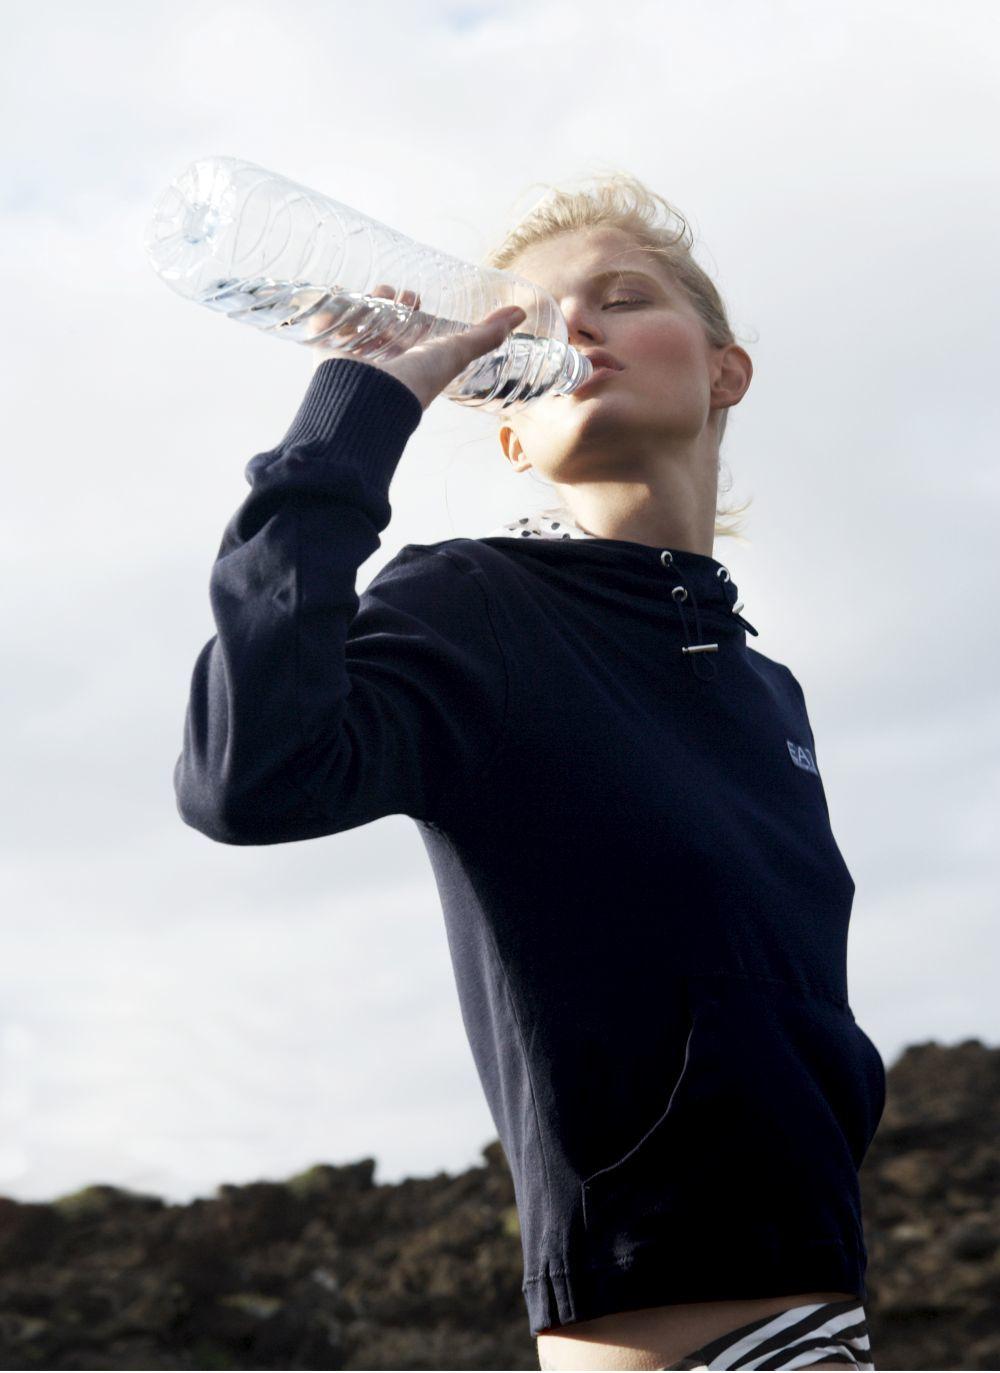 Bebe mucha agua y evita el alcohol para que tu hígado, que descompone las grasas, funcione.